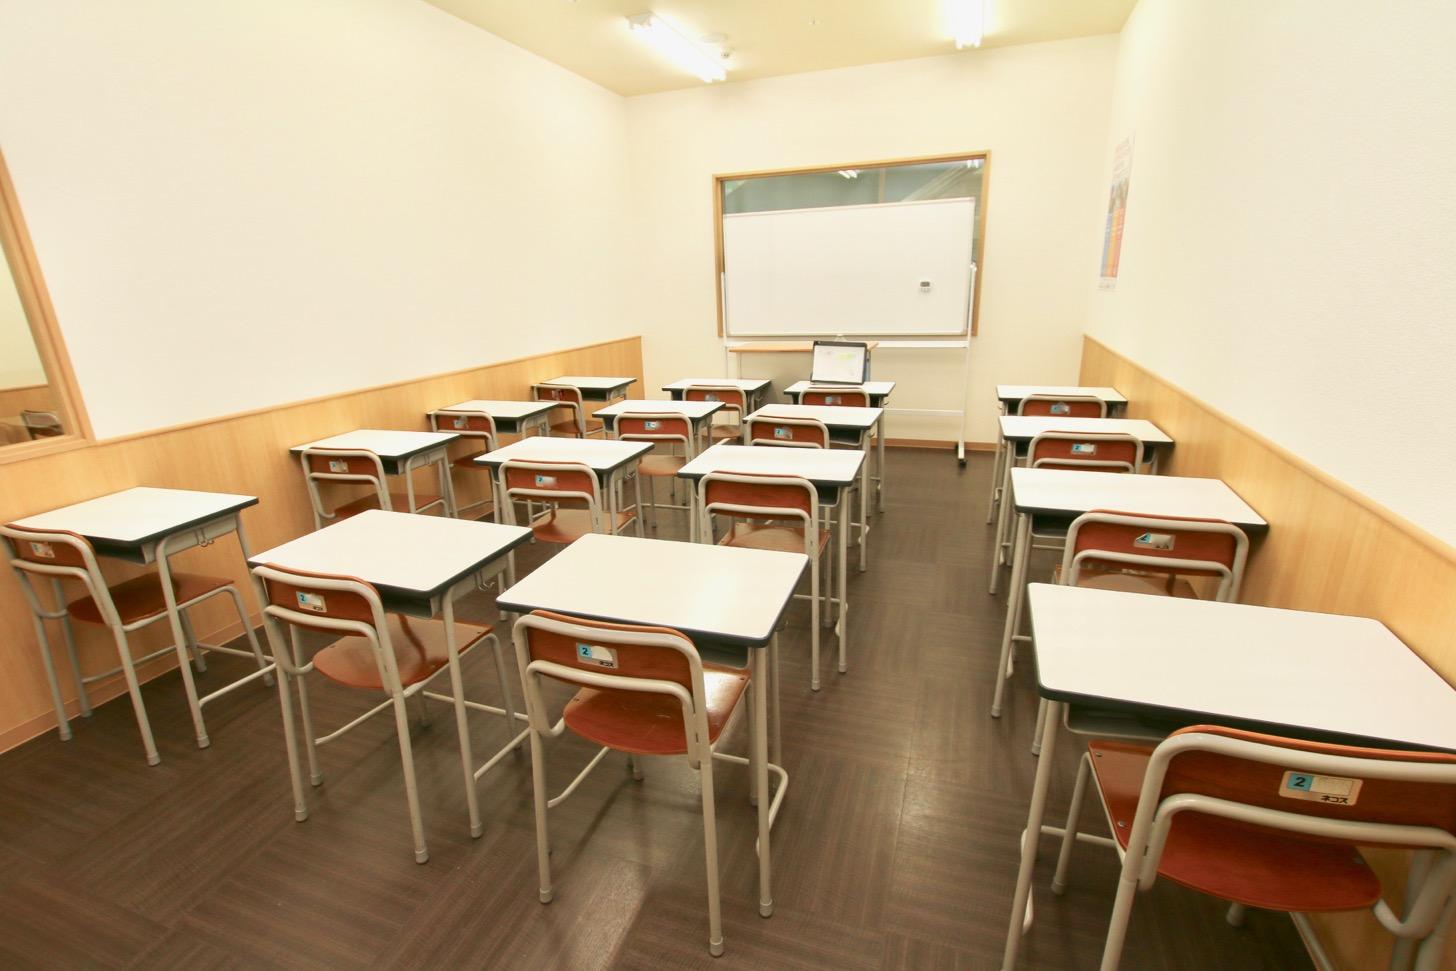 志學舎 多摩センター教室 5つの教室がある